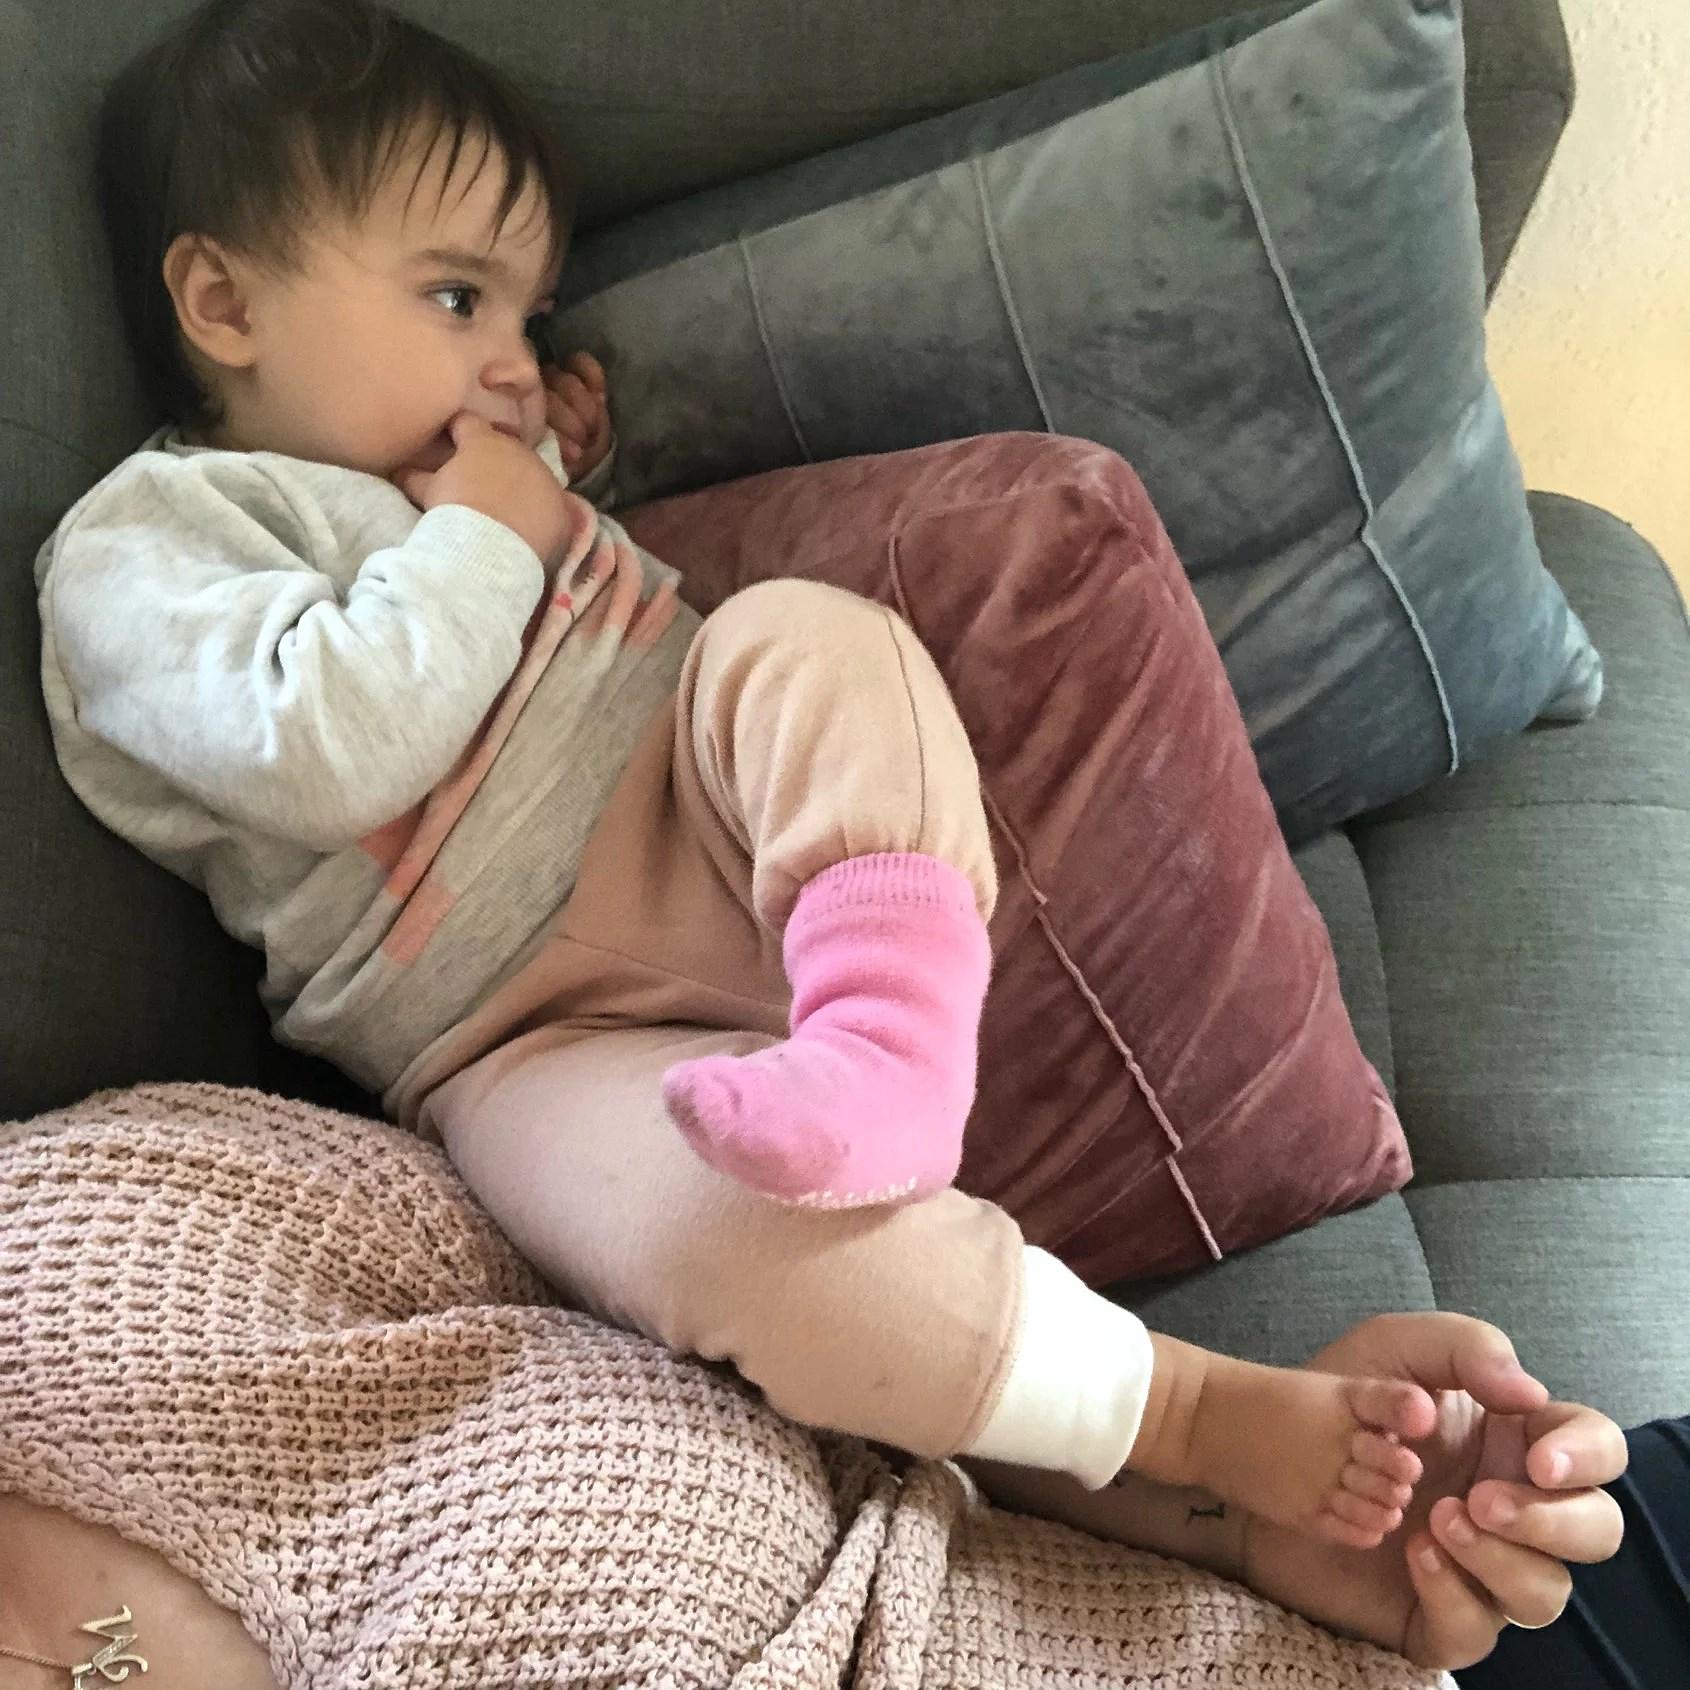 Förkyld bebis.